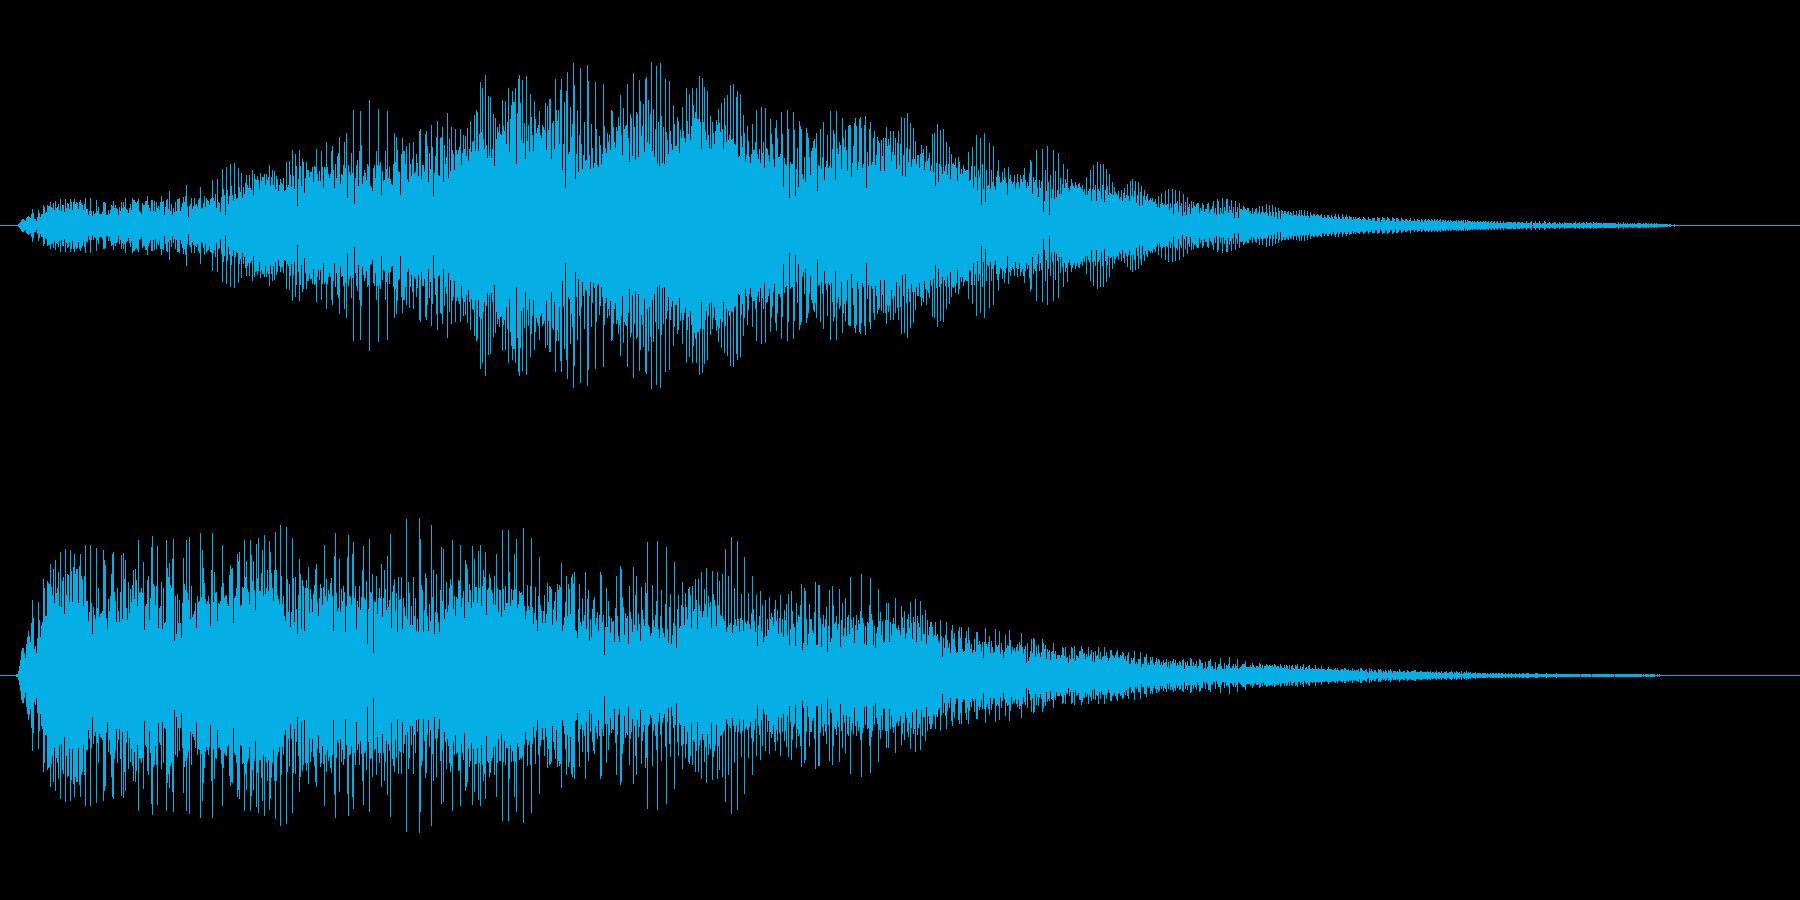 びよよよ〜ん(バネ、コミカルな電子音)の再生済みの波形